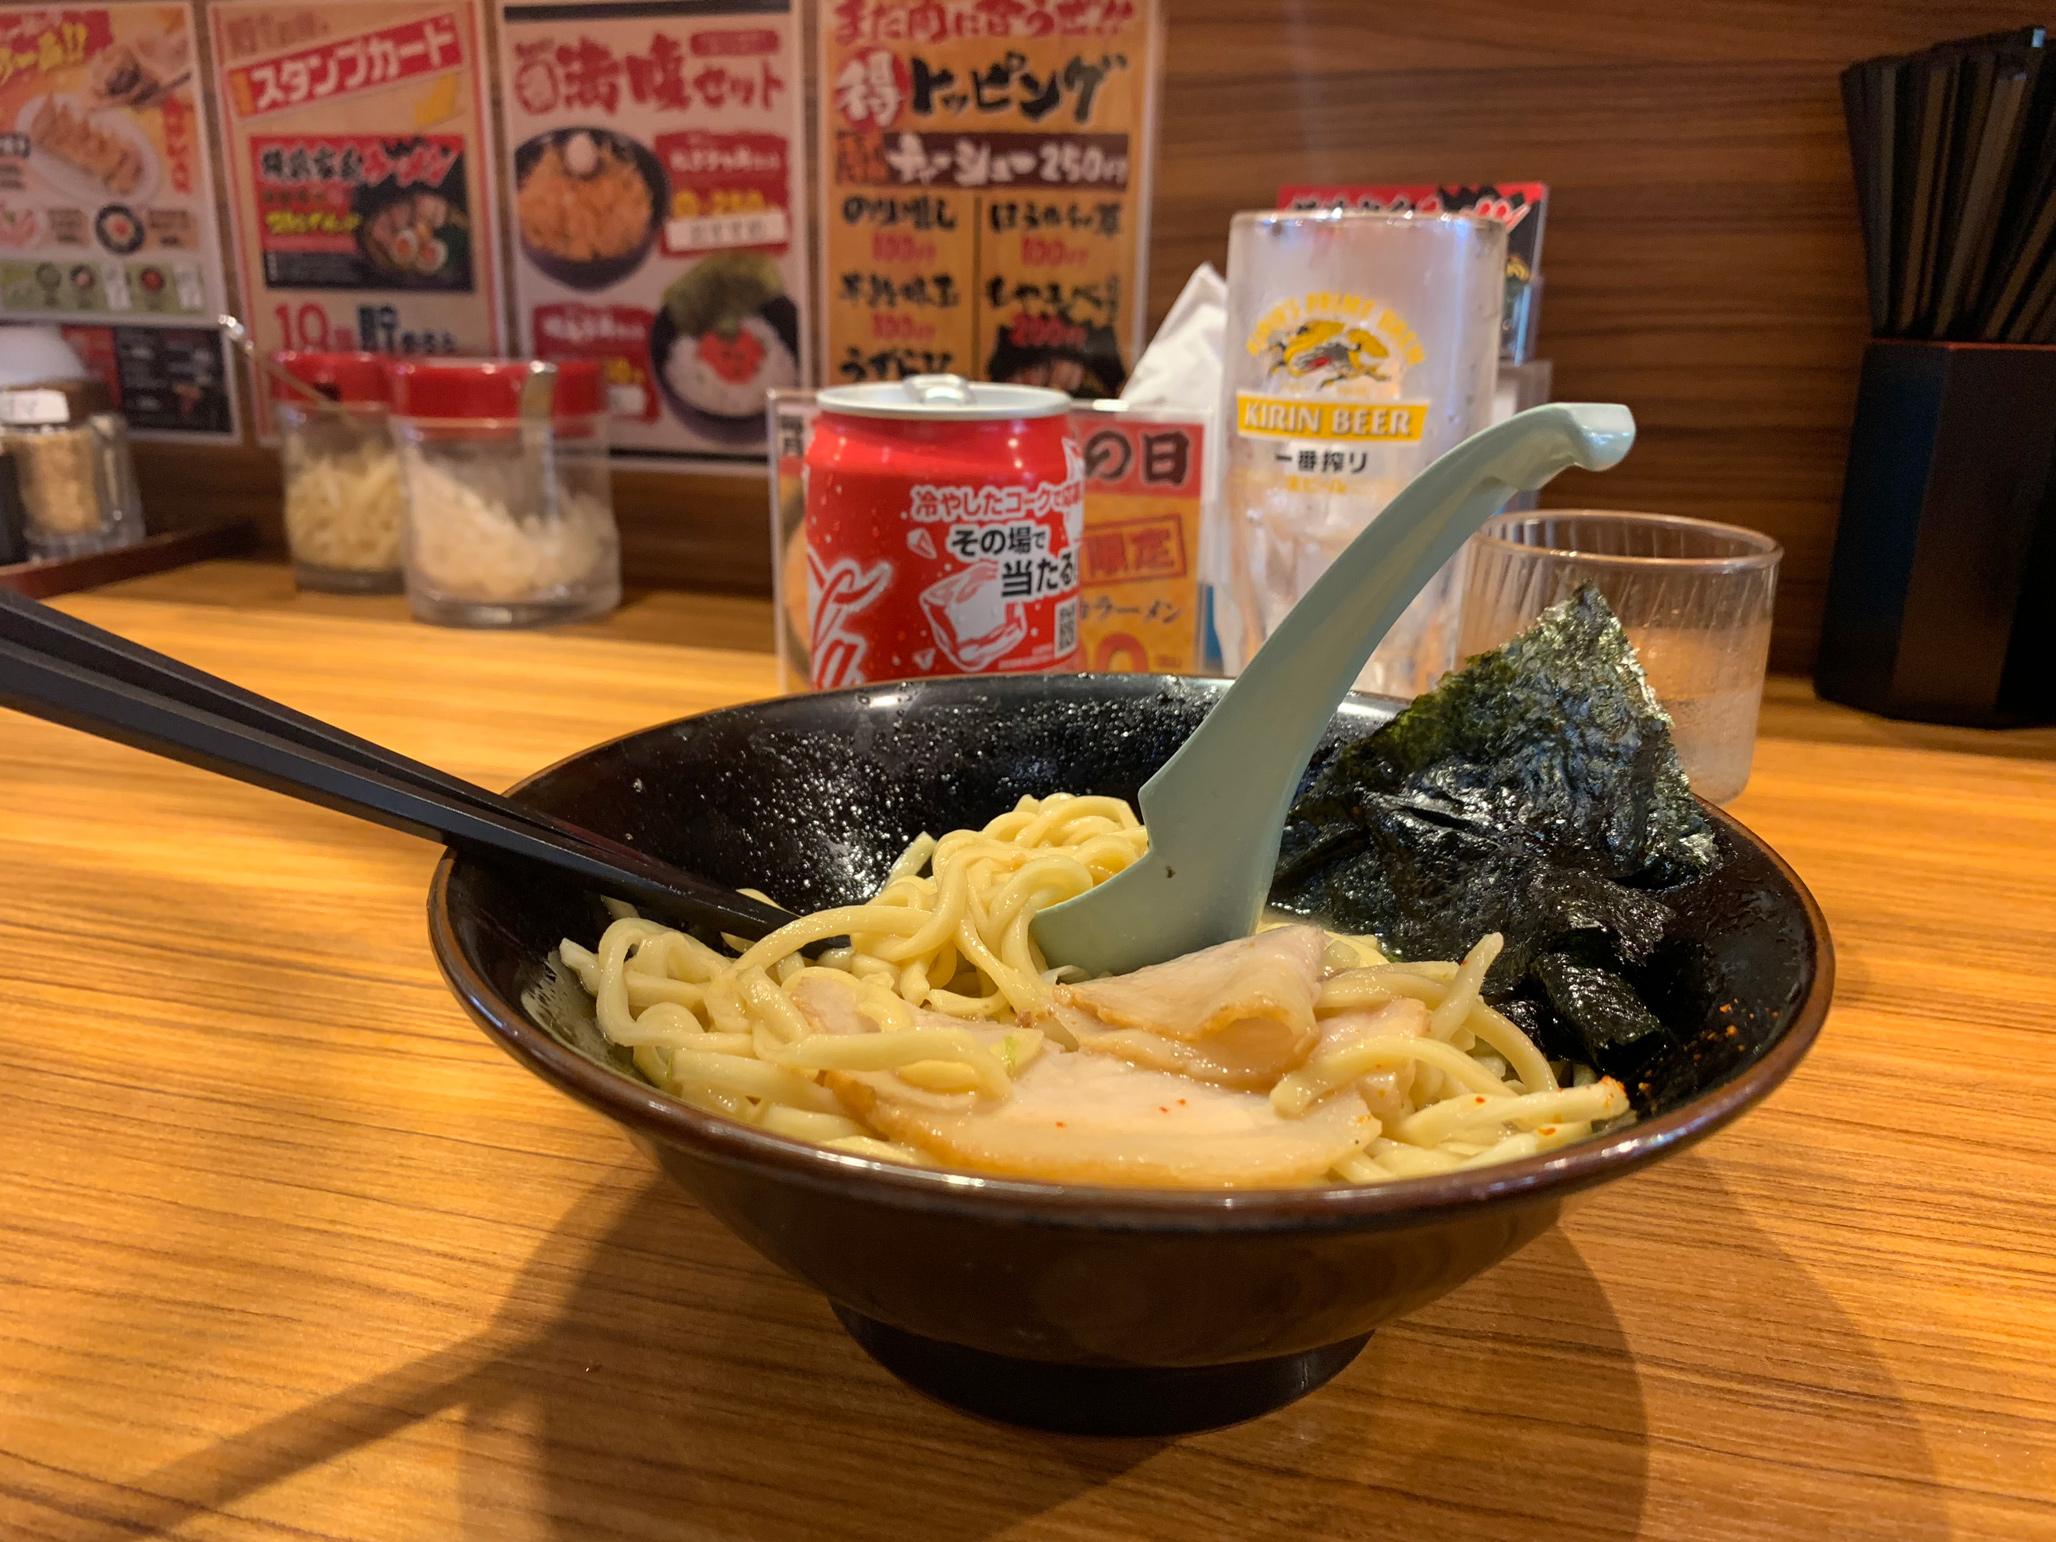 My ramen bowl that I enjoyed in Tokyo.